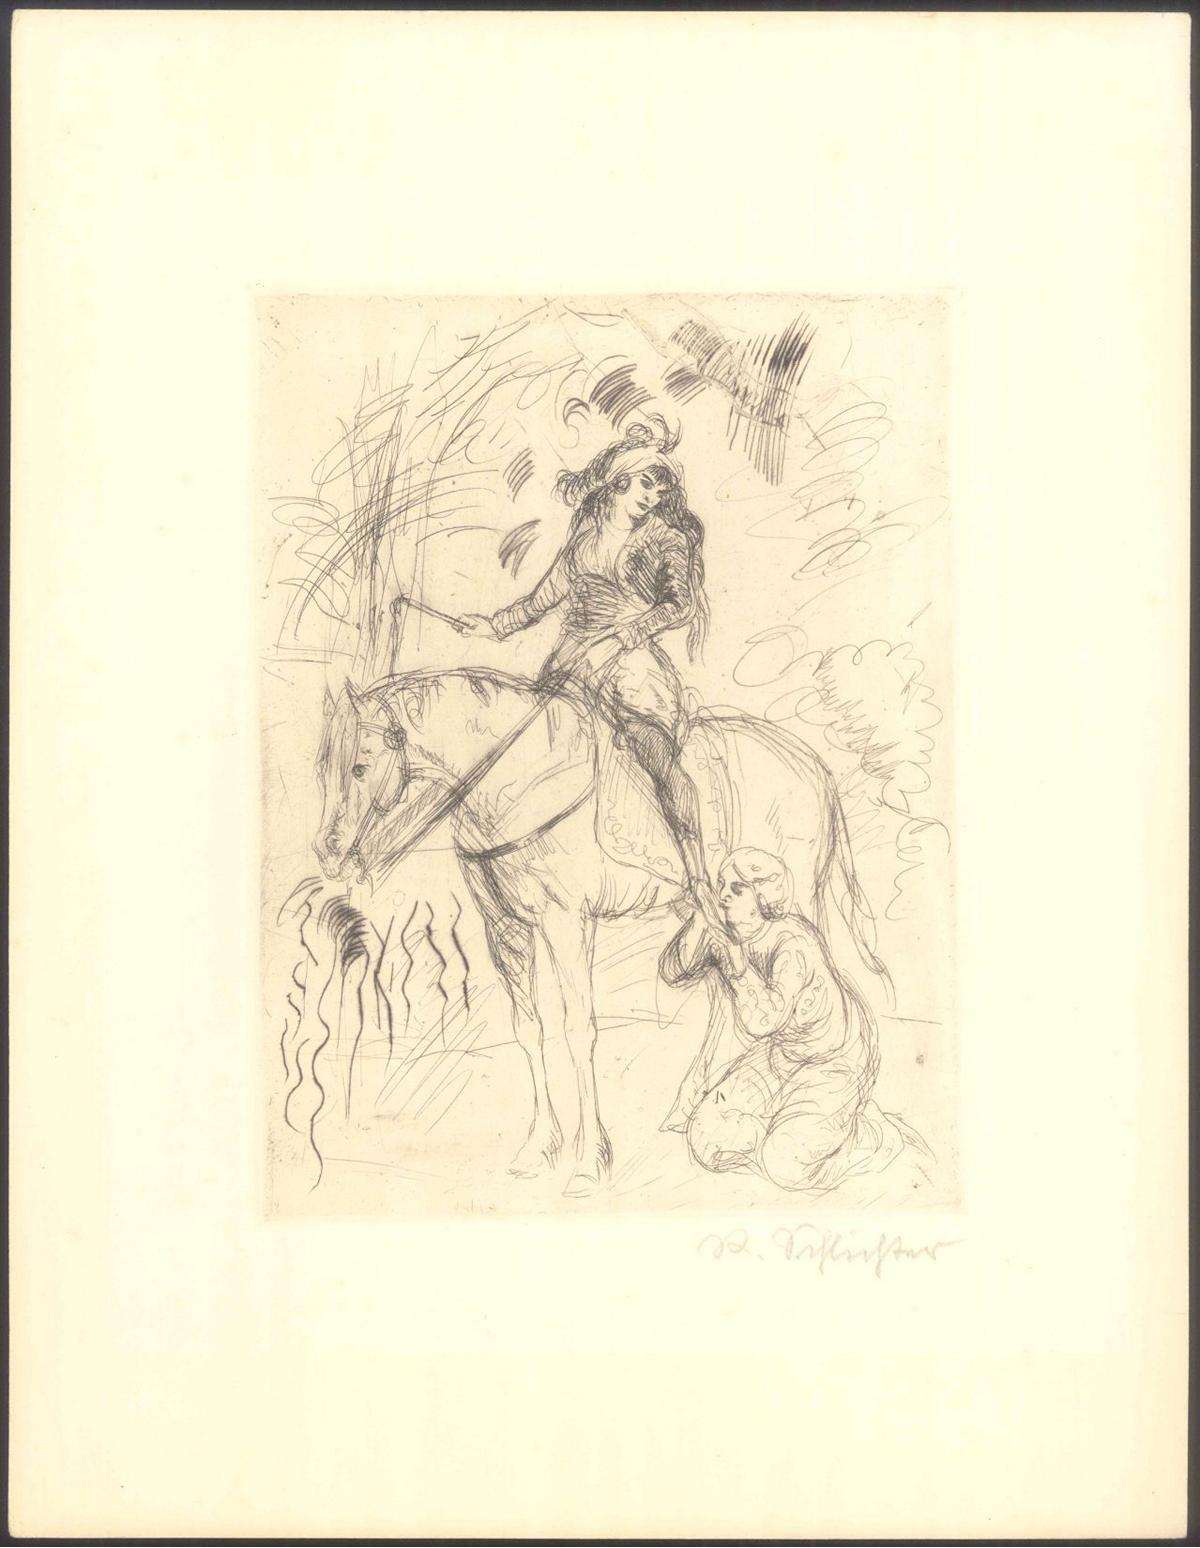 Rudolf Schlichter (1890-1955). Die Angebetete-2